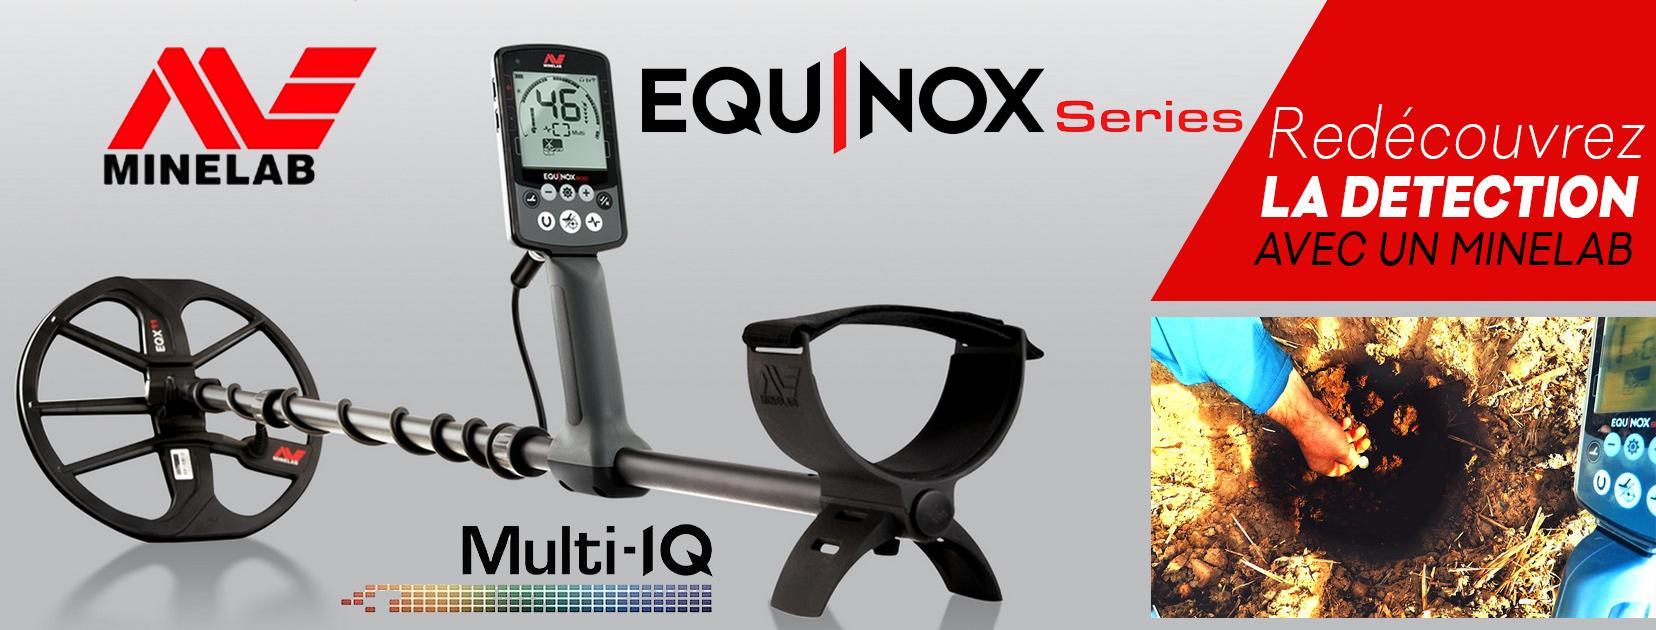 vente detecteur minelab equinox 800